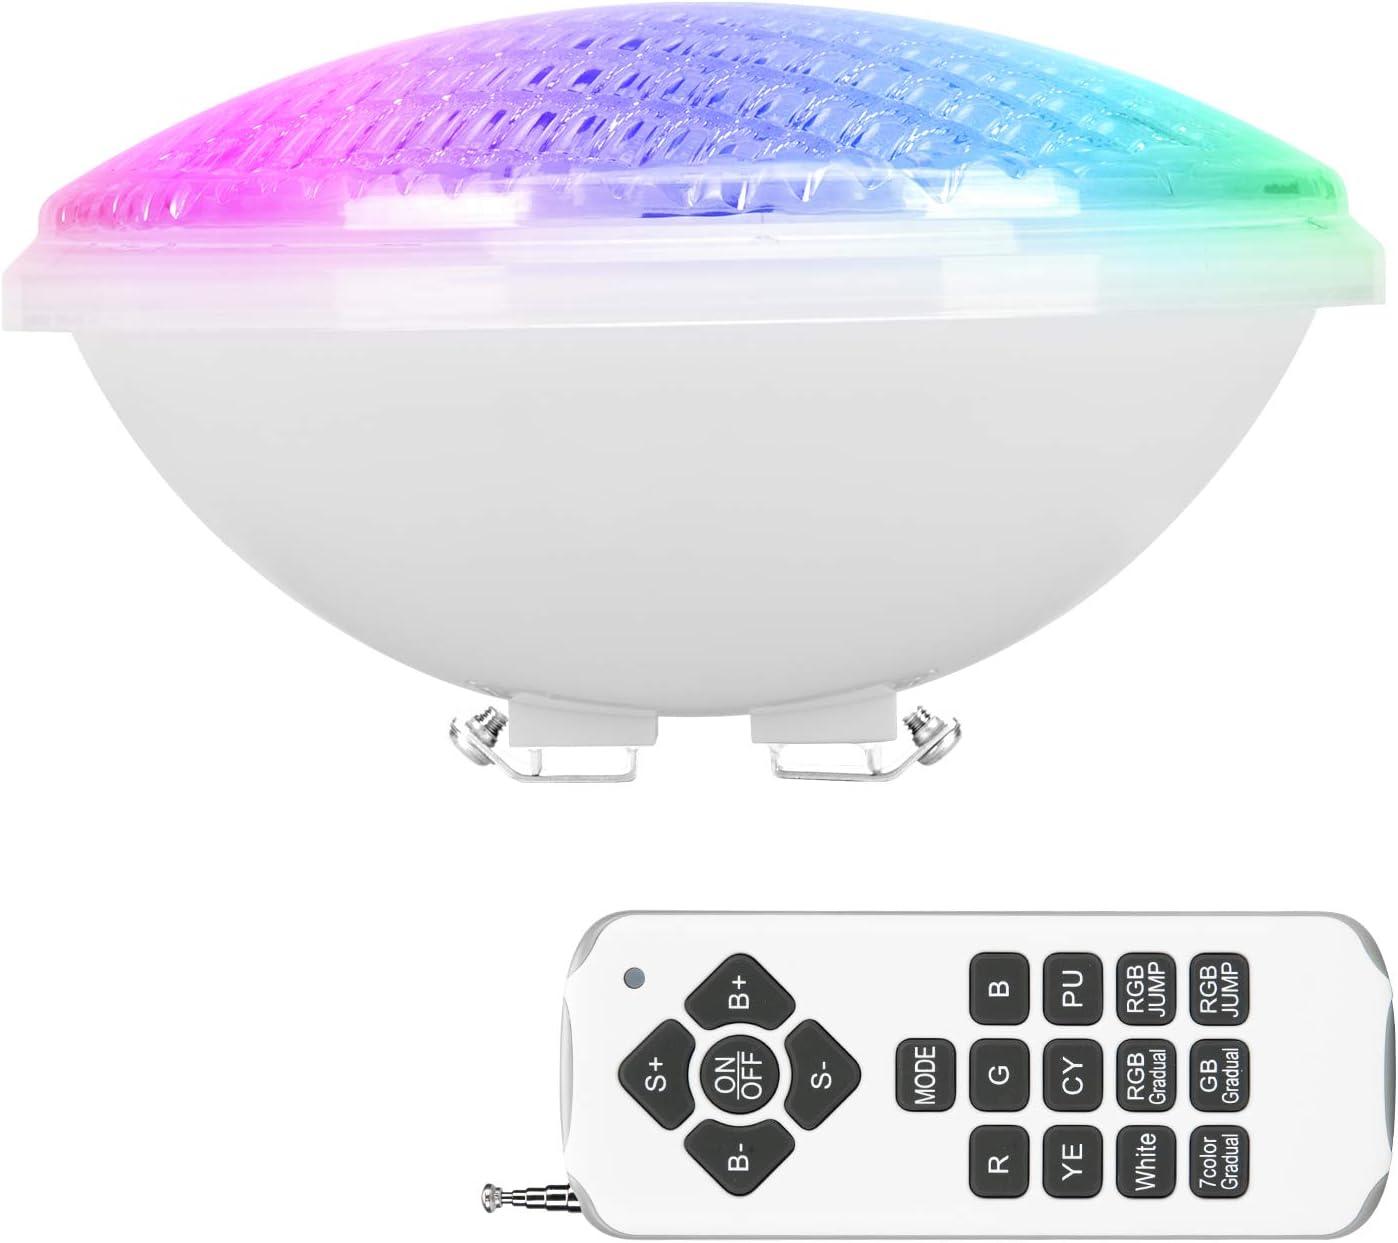 LEDMO RGB Luz de Piscina, 40W Luces LED para Piscina PAR56, Iluminación de piscinas con Control Remoto, 12V AC/DC Impermeable IP68 Luces de piscina